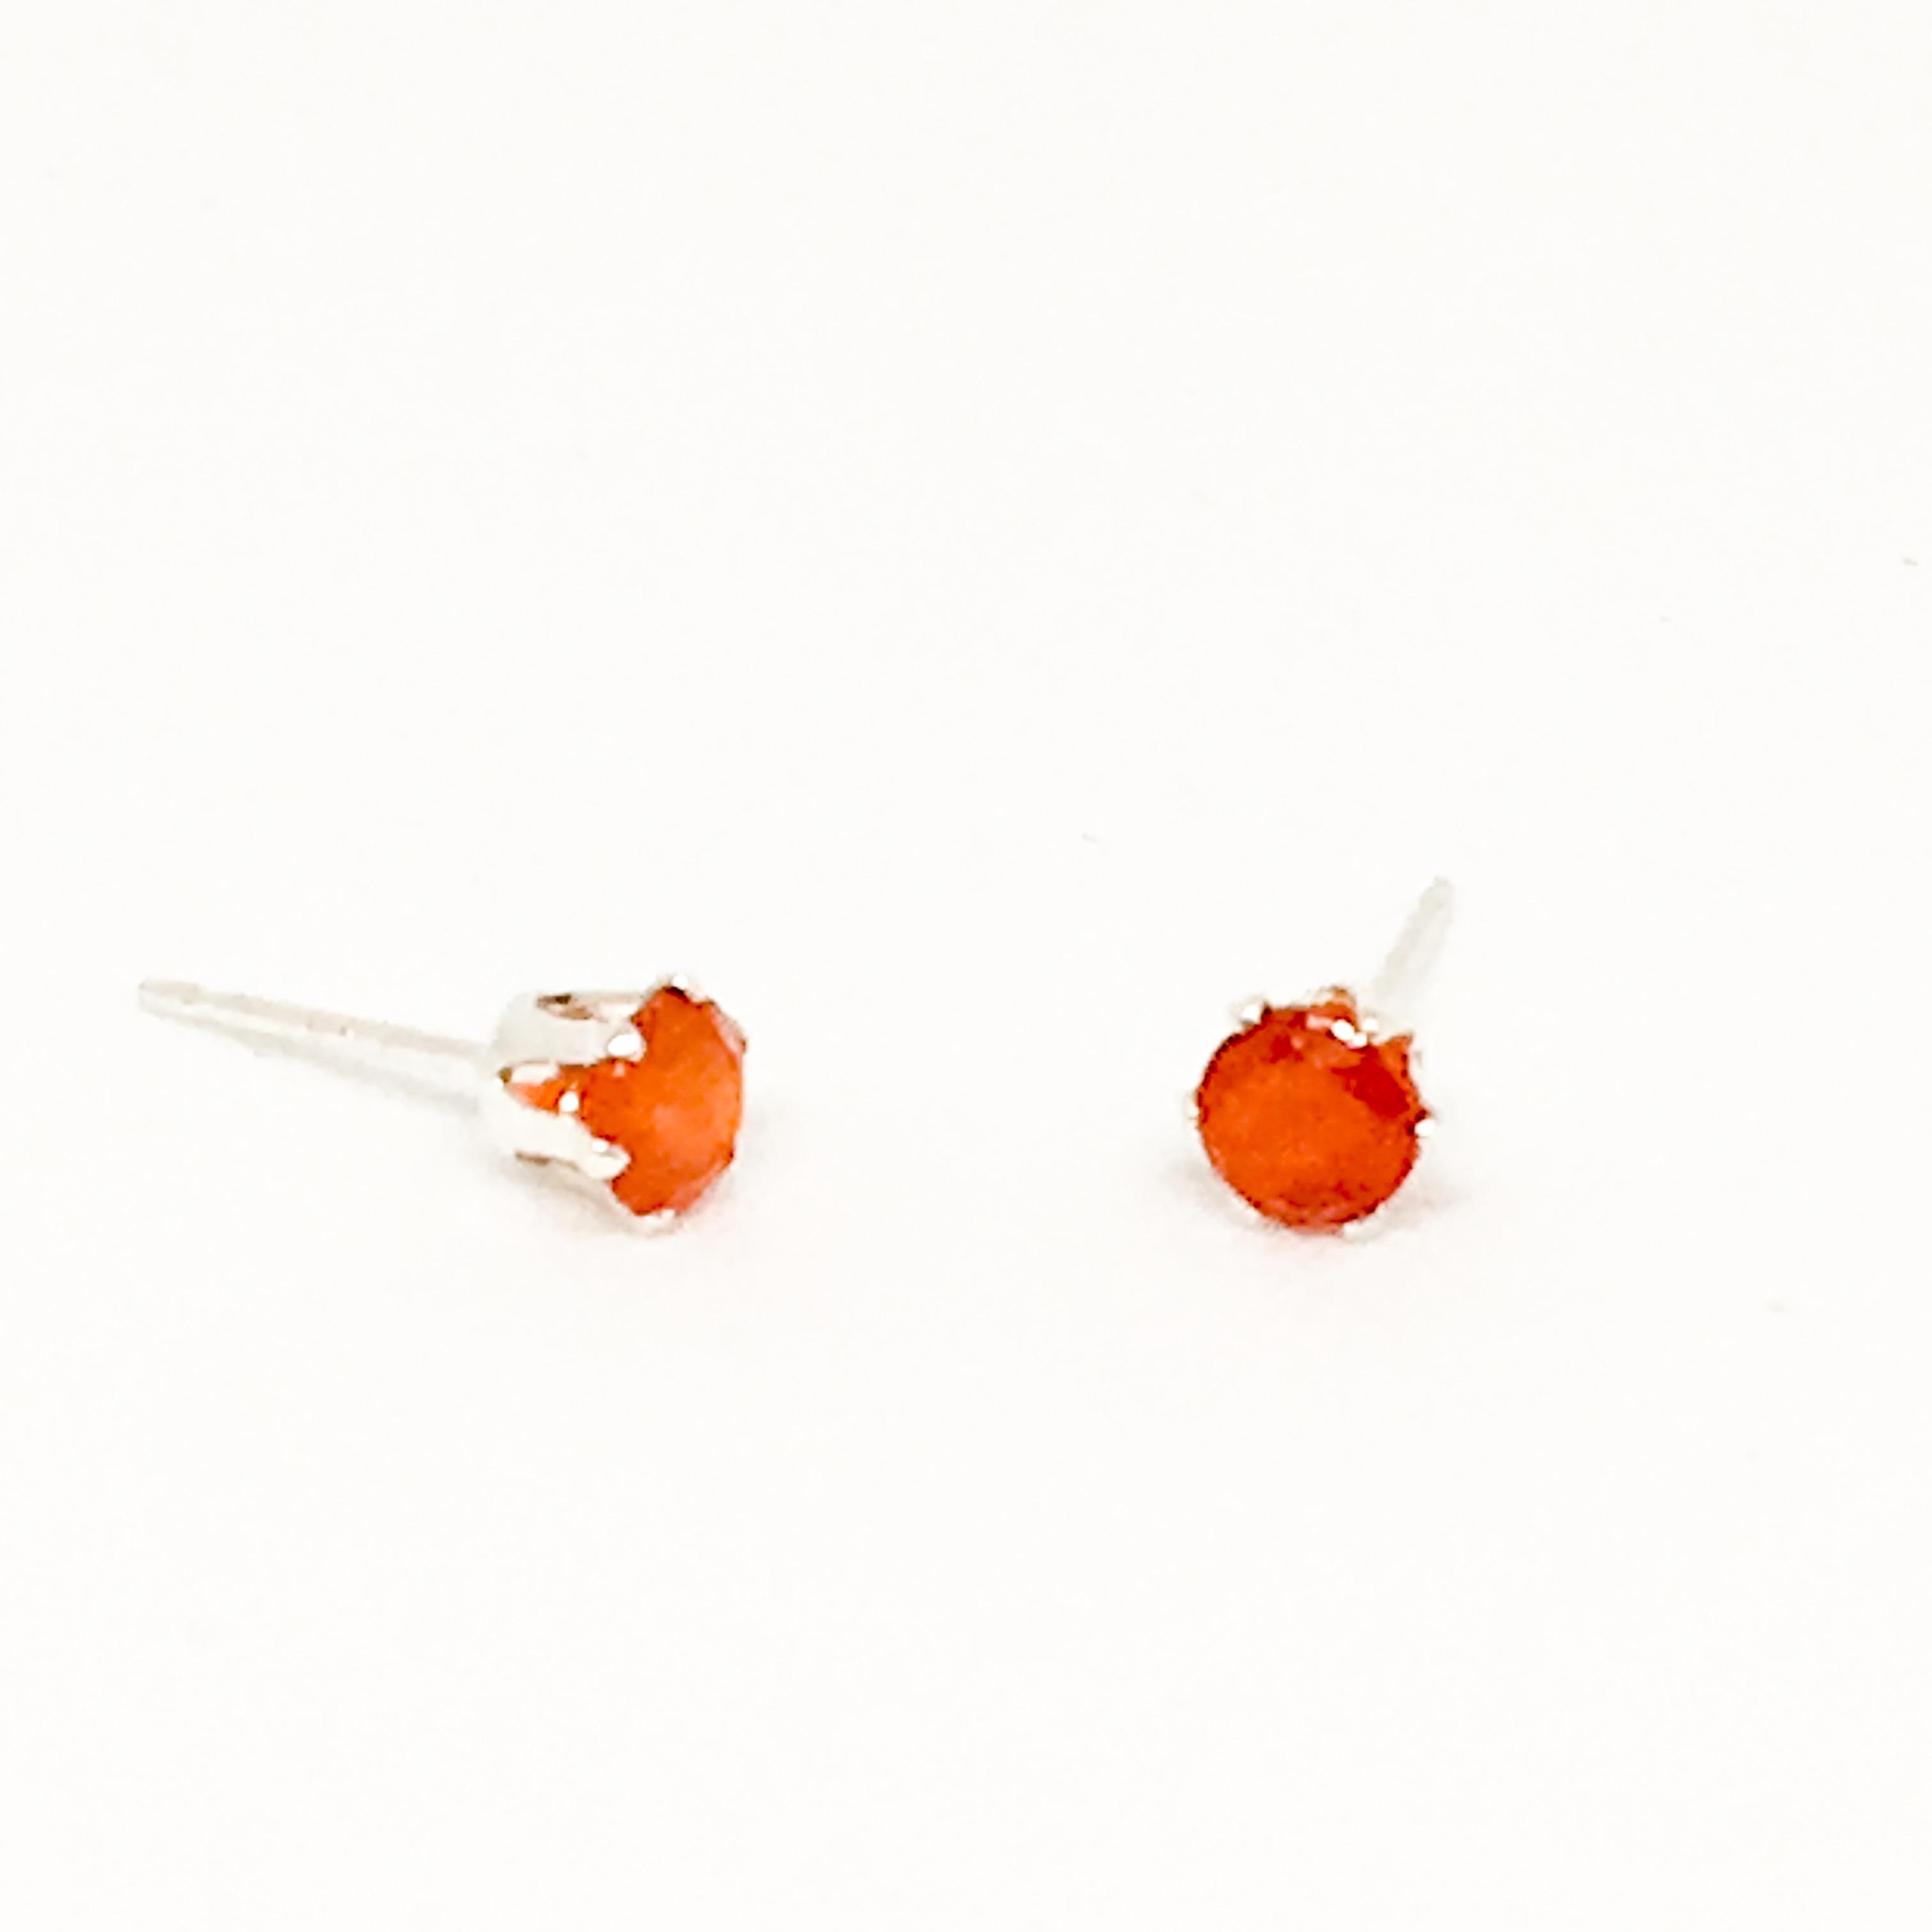 4mm Carnelian gemstone stud earrings, sterling silver studs